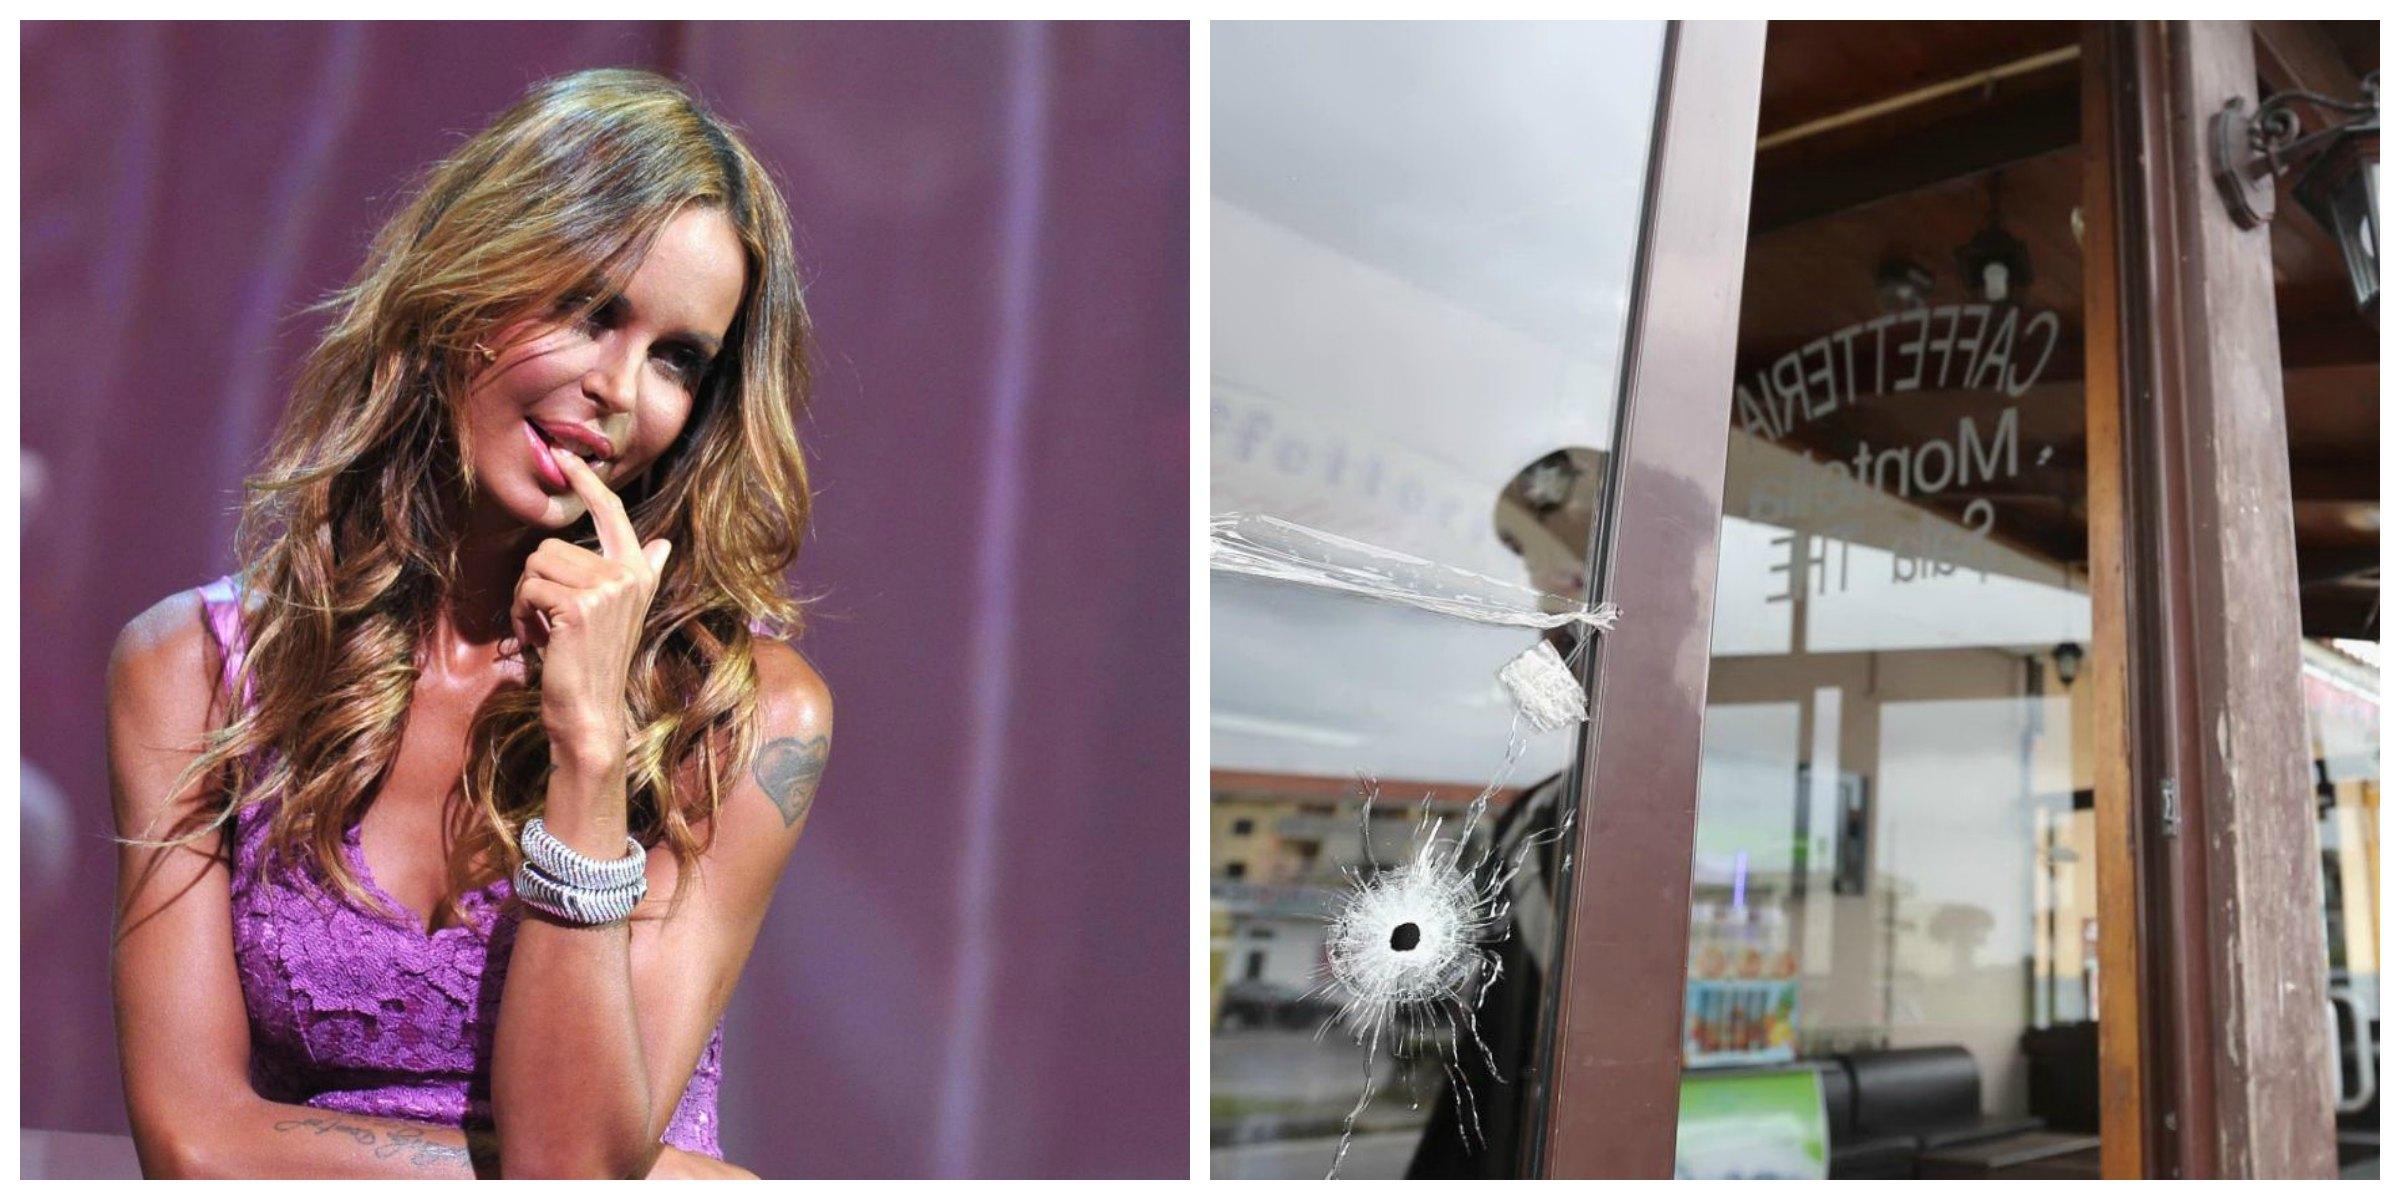 Napoli, spari contro un locale a Giugliano. Grave una donna. Nina Moric cenava lì con Lele Mora